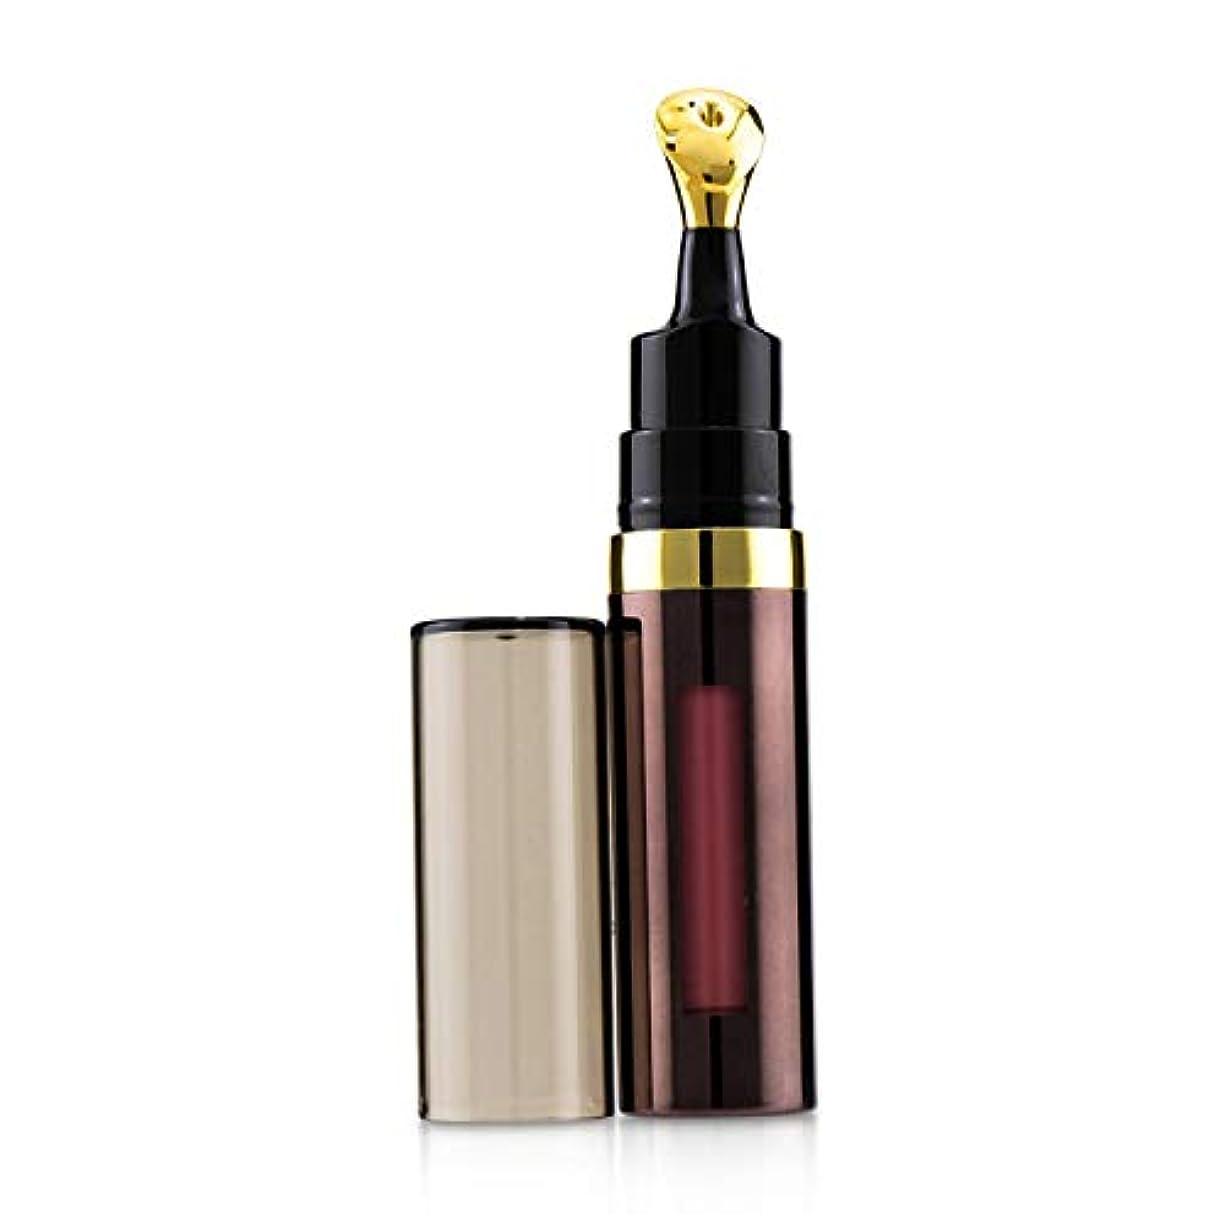 上回るする必要があるウィスキーアワーグラス No.28 Lip Treatment Oil - # Cameo (Neutral Rose) 7.5ml/0.25oz並行輸入品